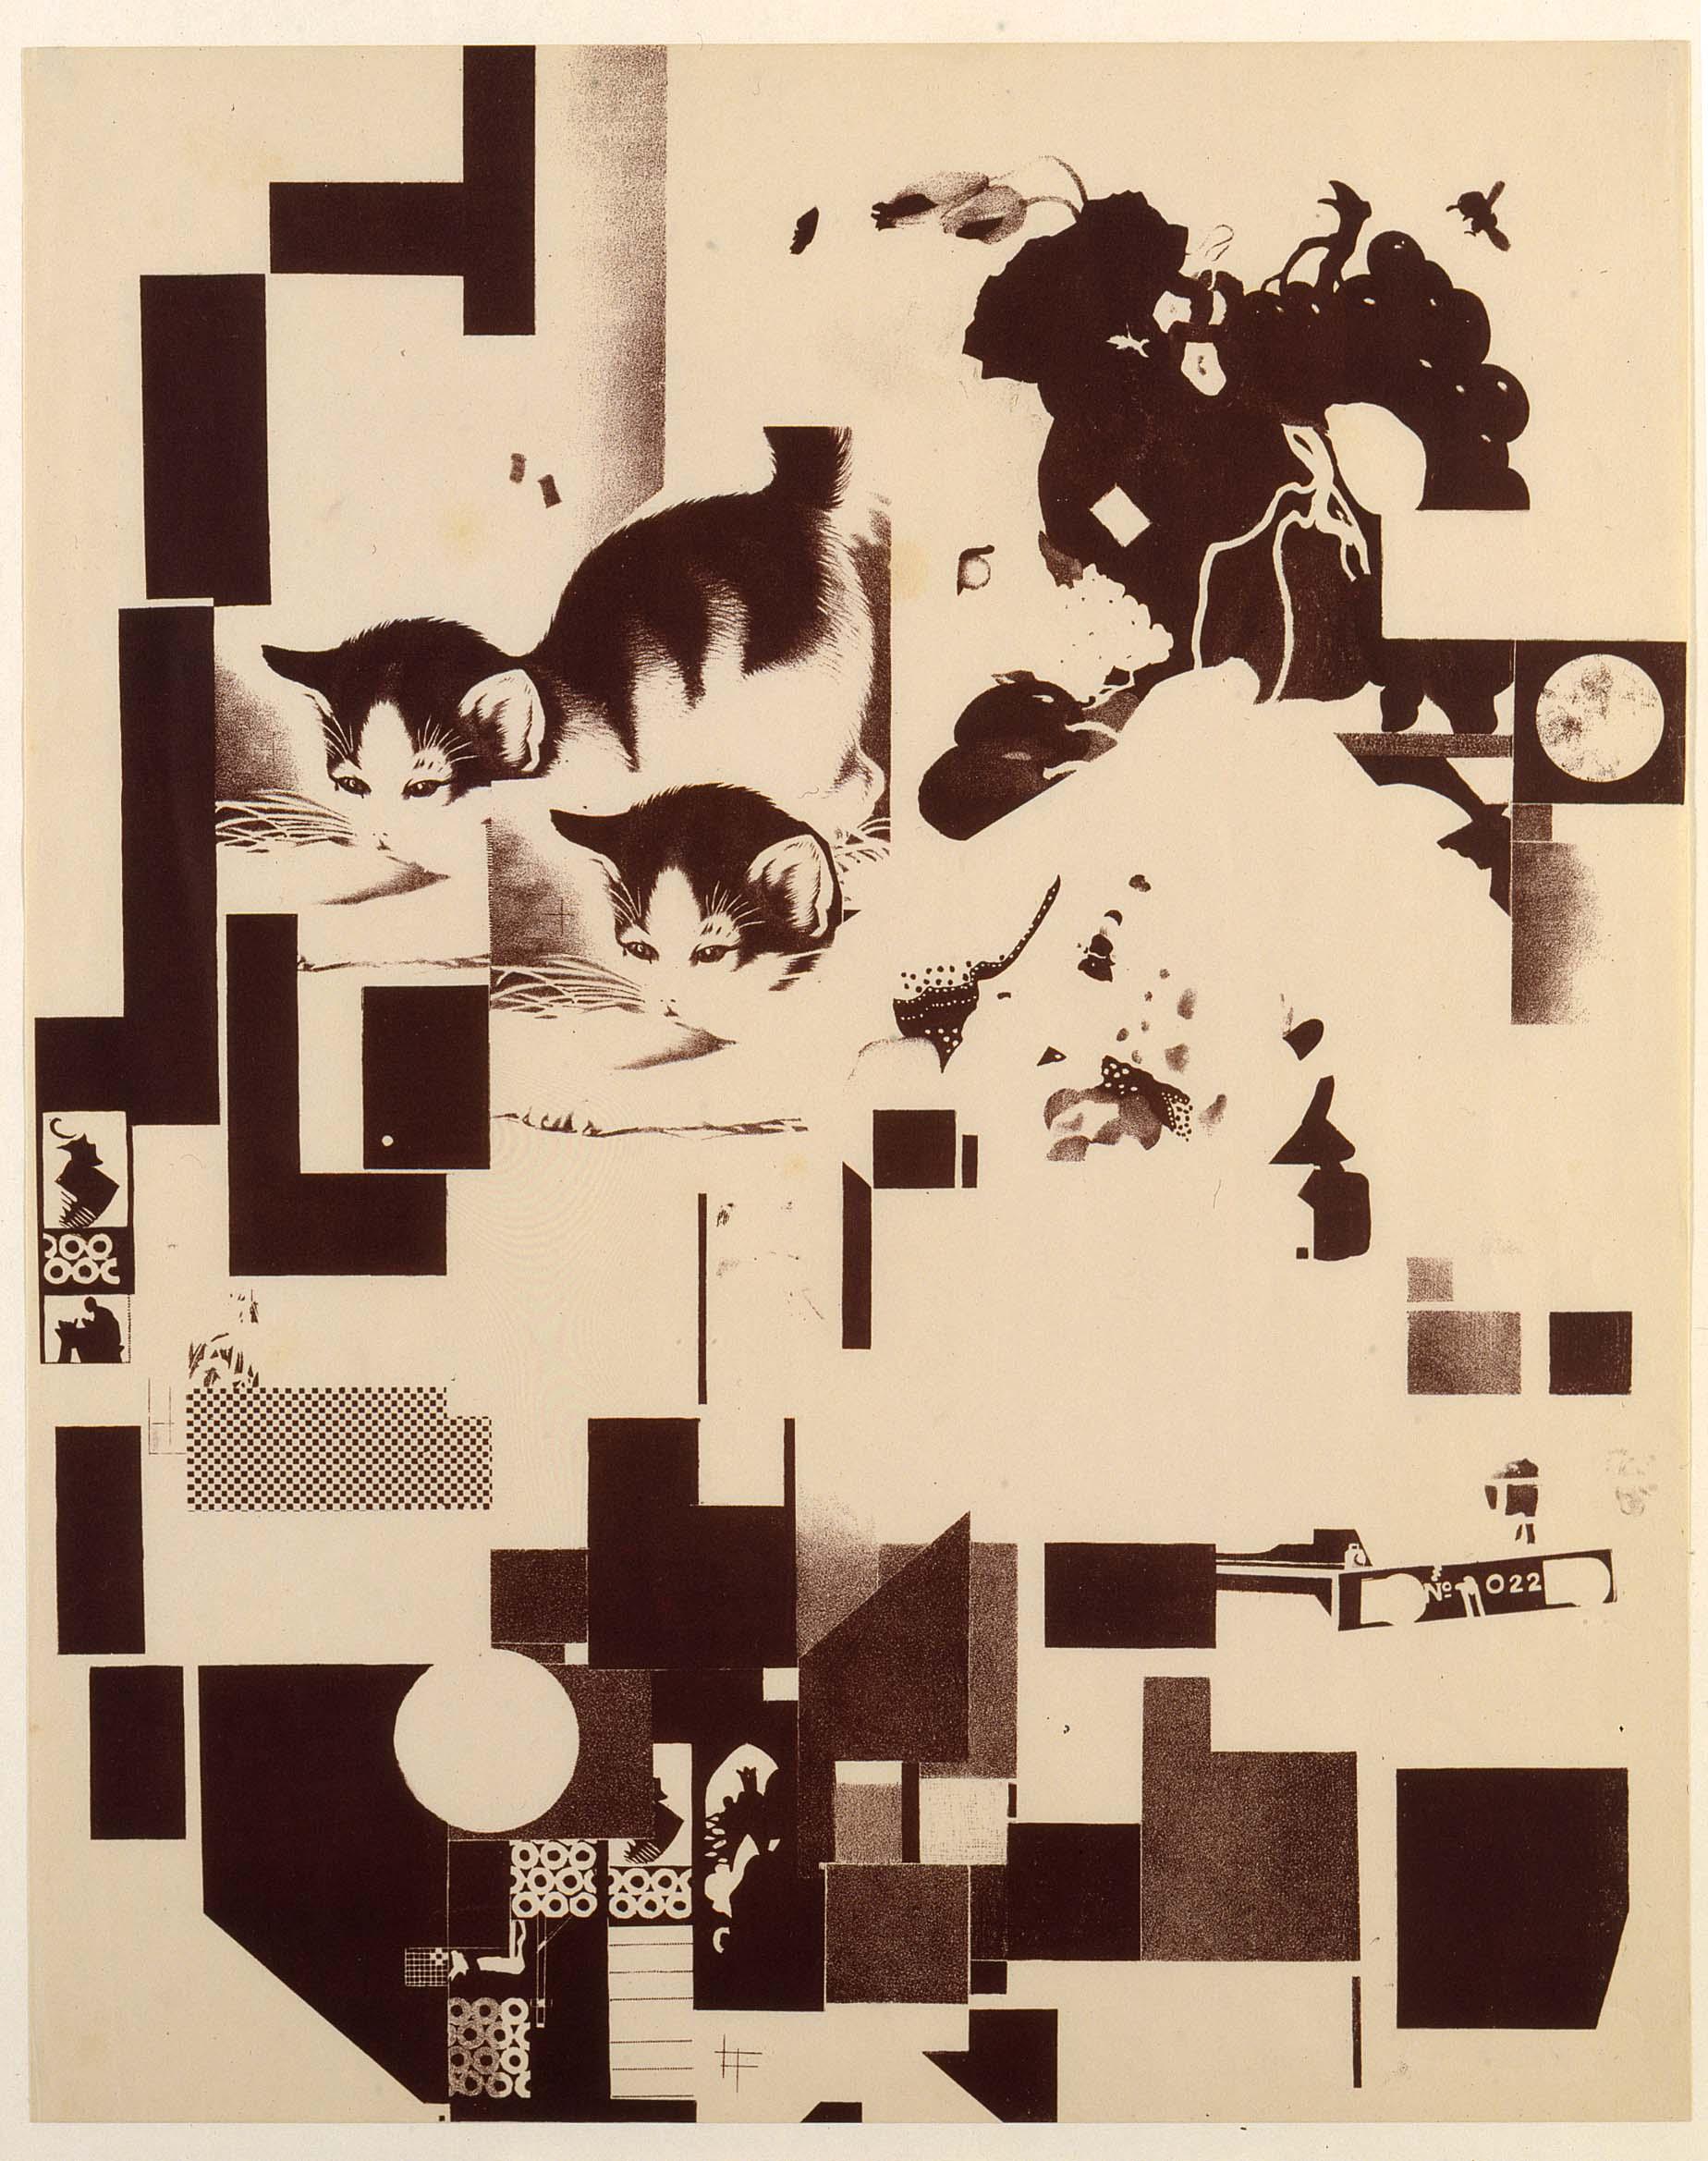 dadaisme image library. Black Bedroom Furniture Sets. Home Design Ideas